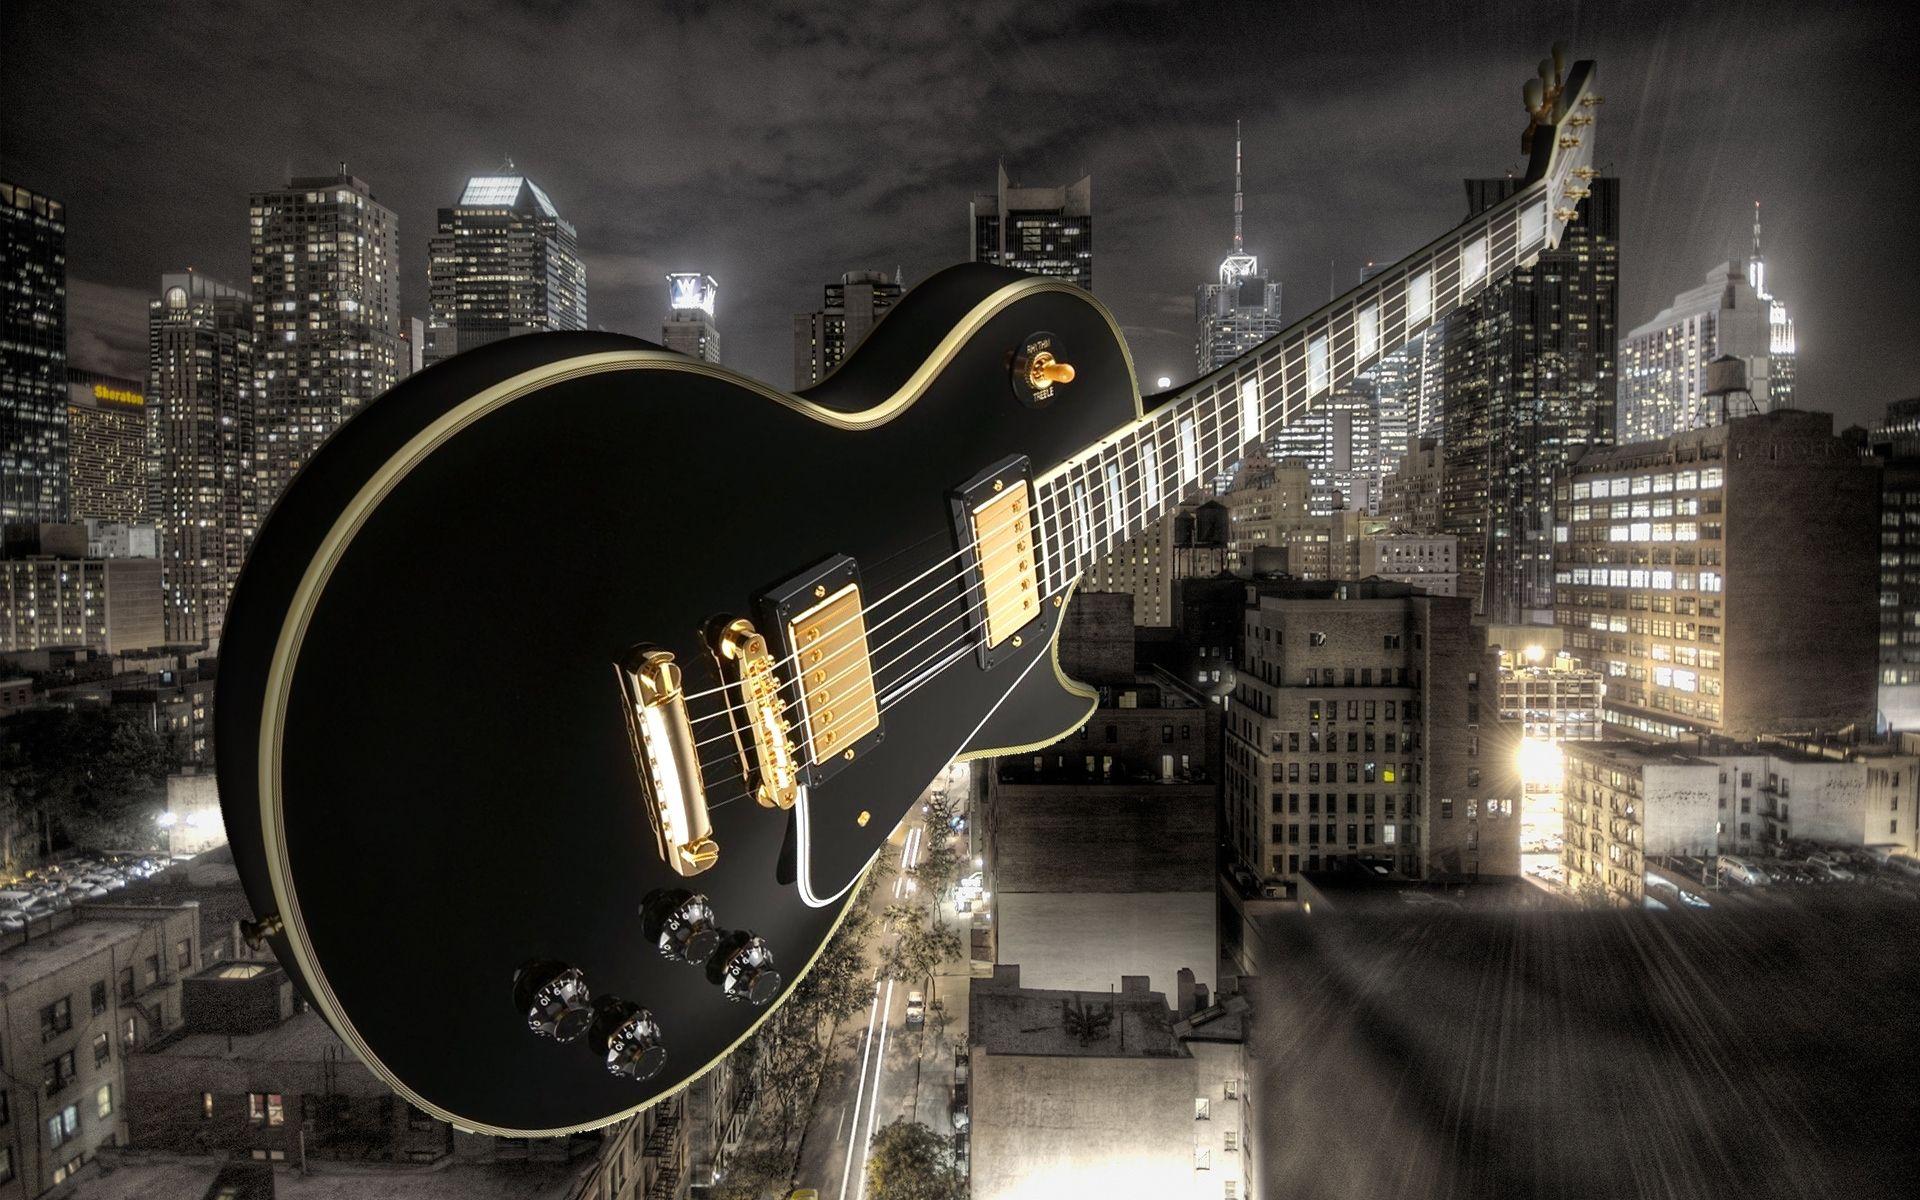 Electric Guitar black, Desktop Wallpaper